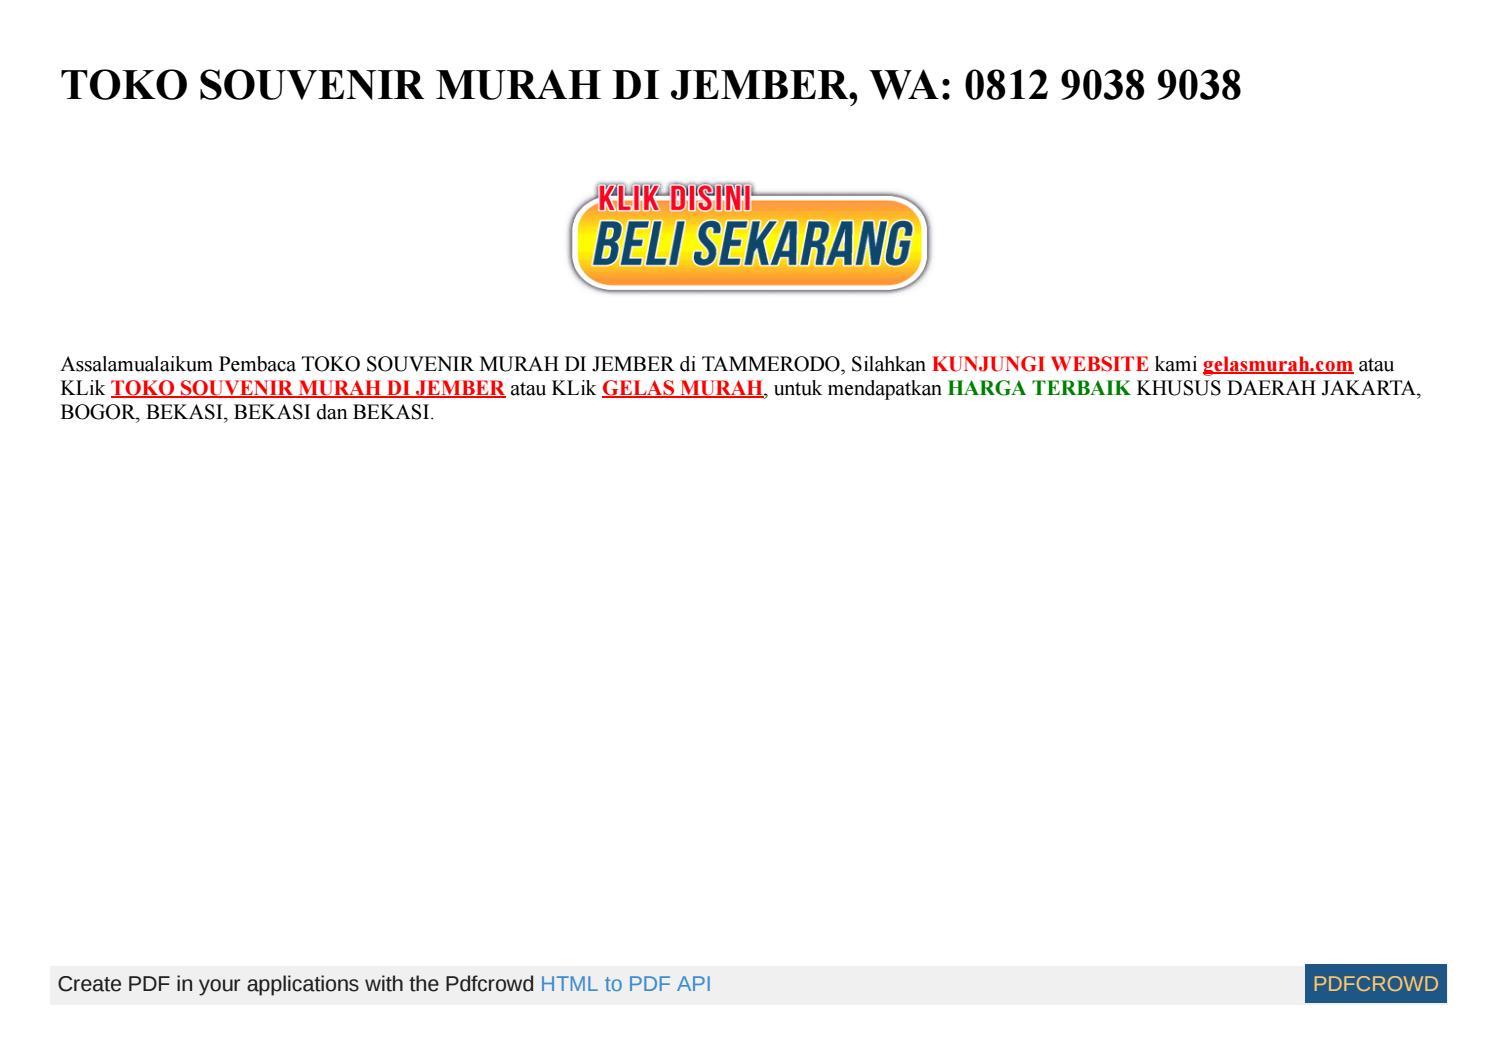 TEMPAT JUAL SOUVENIR DI BEKASI WA 0812 9038 9038 By Idham